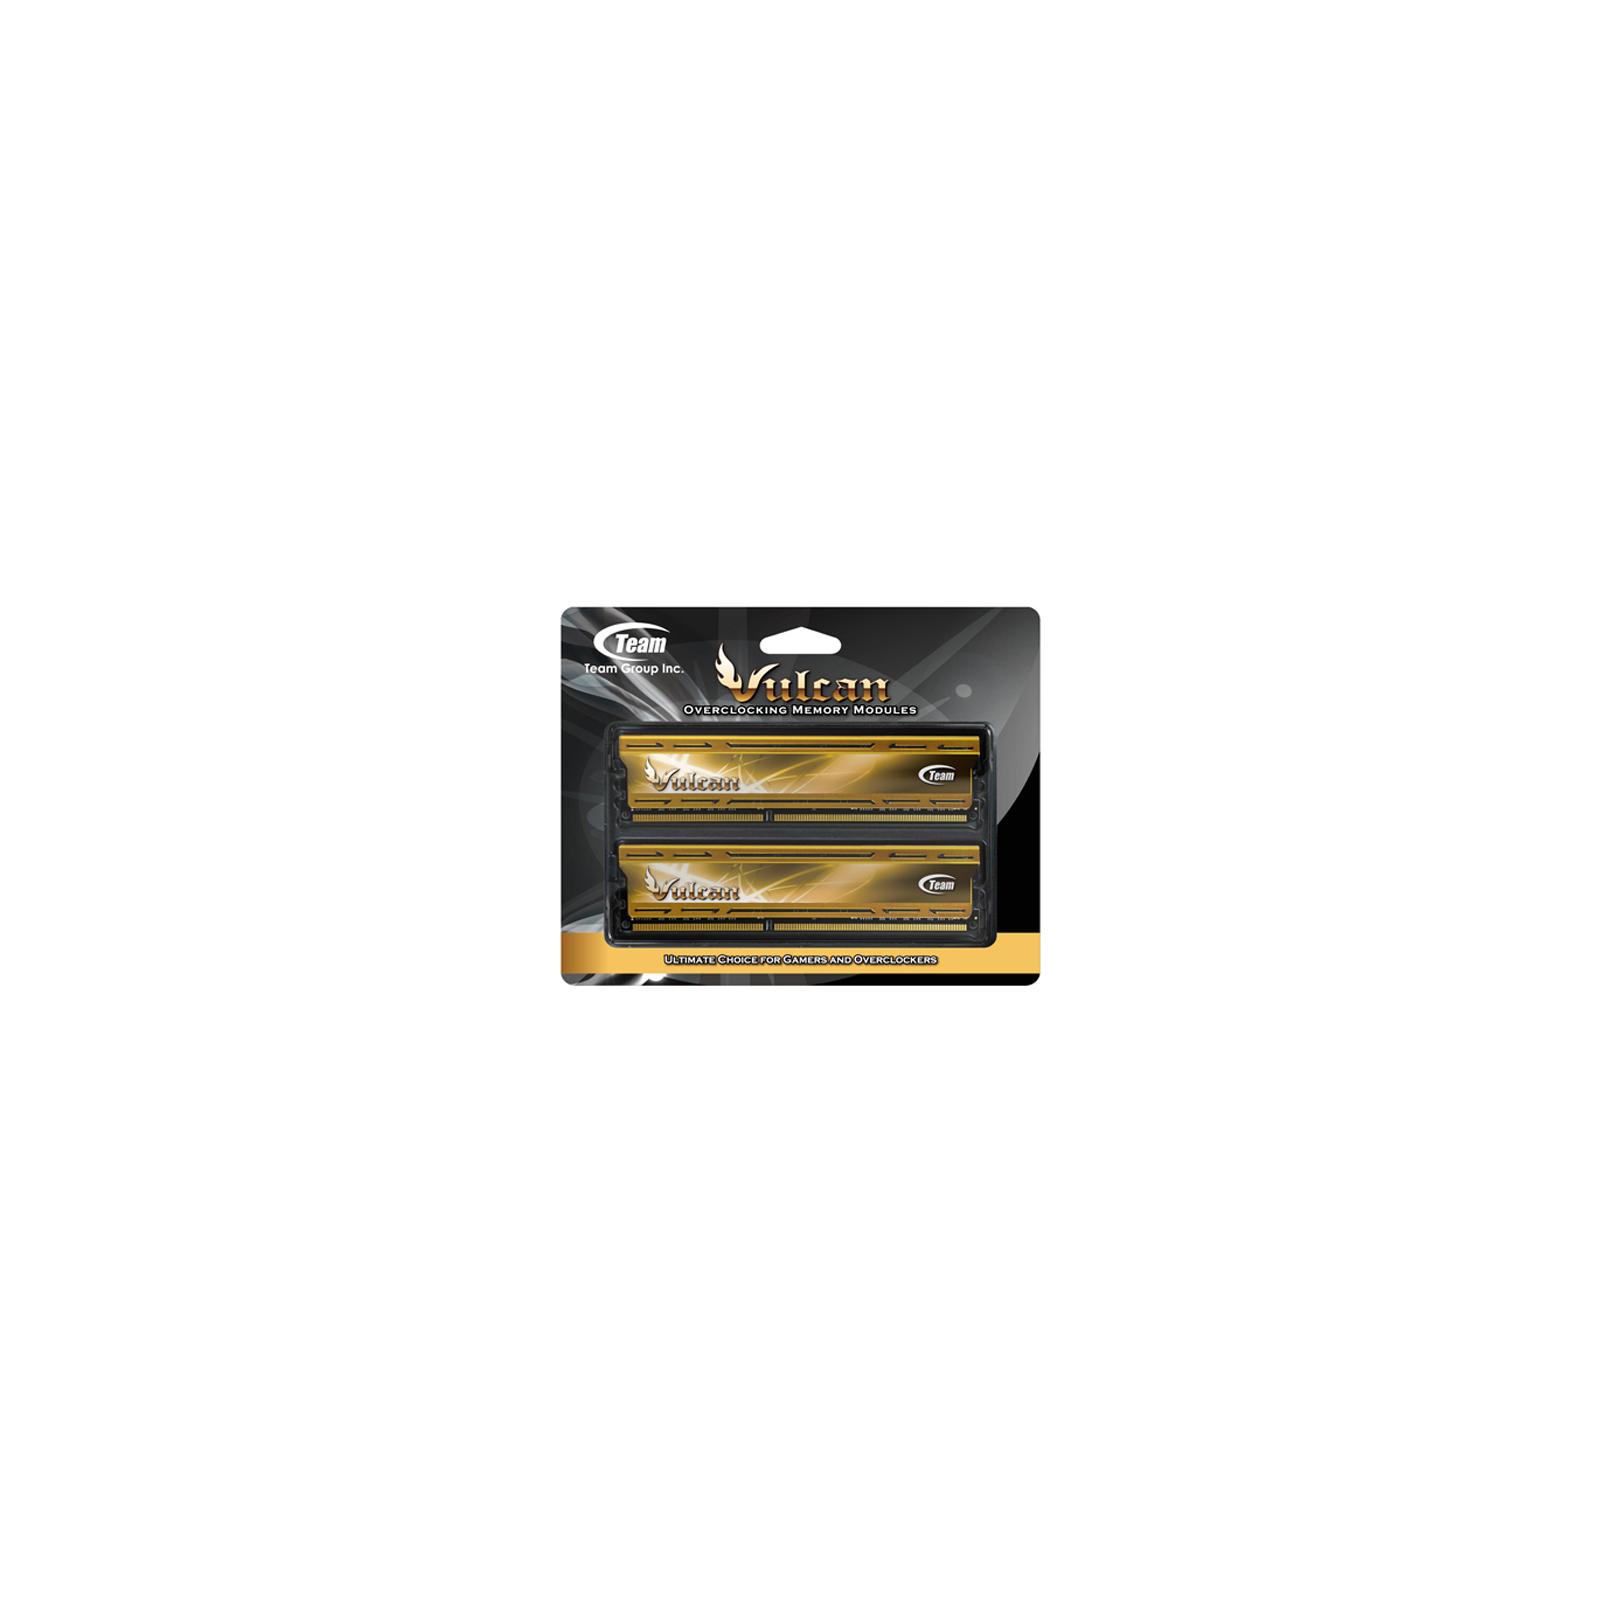 Модуль памяти для компьютера DDR3 8GB (2x4GB) 1600 MHz Team (TLYD38G1600HC9DC01) изображение 2